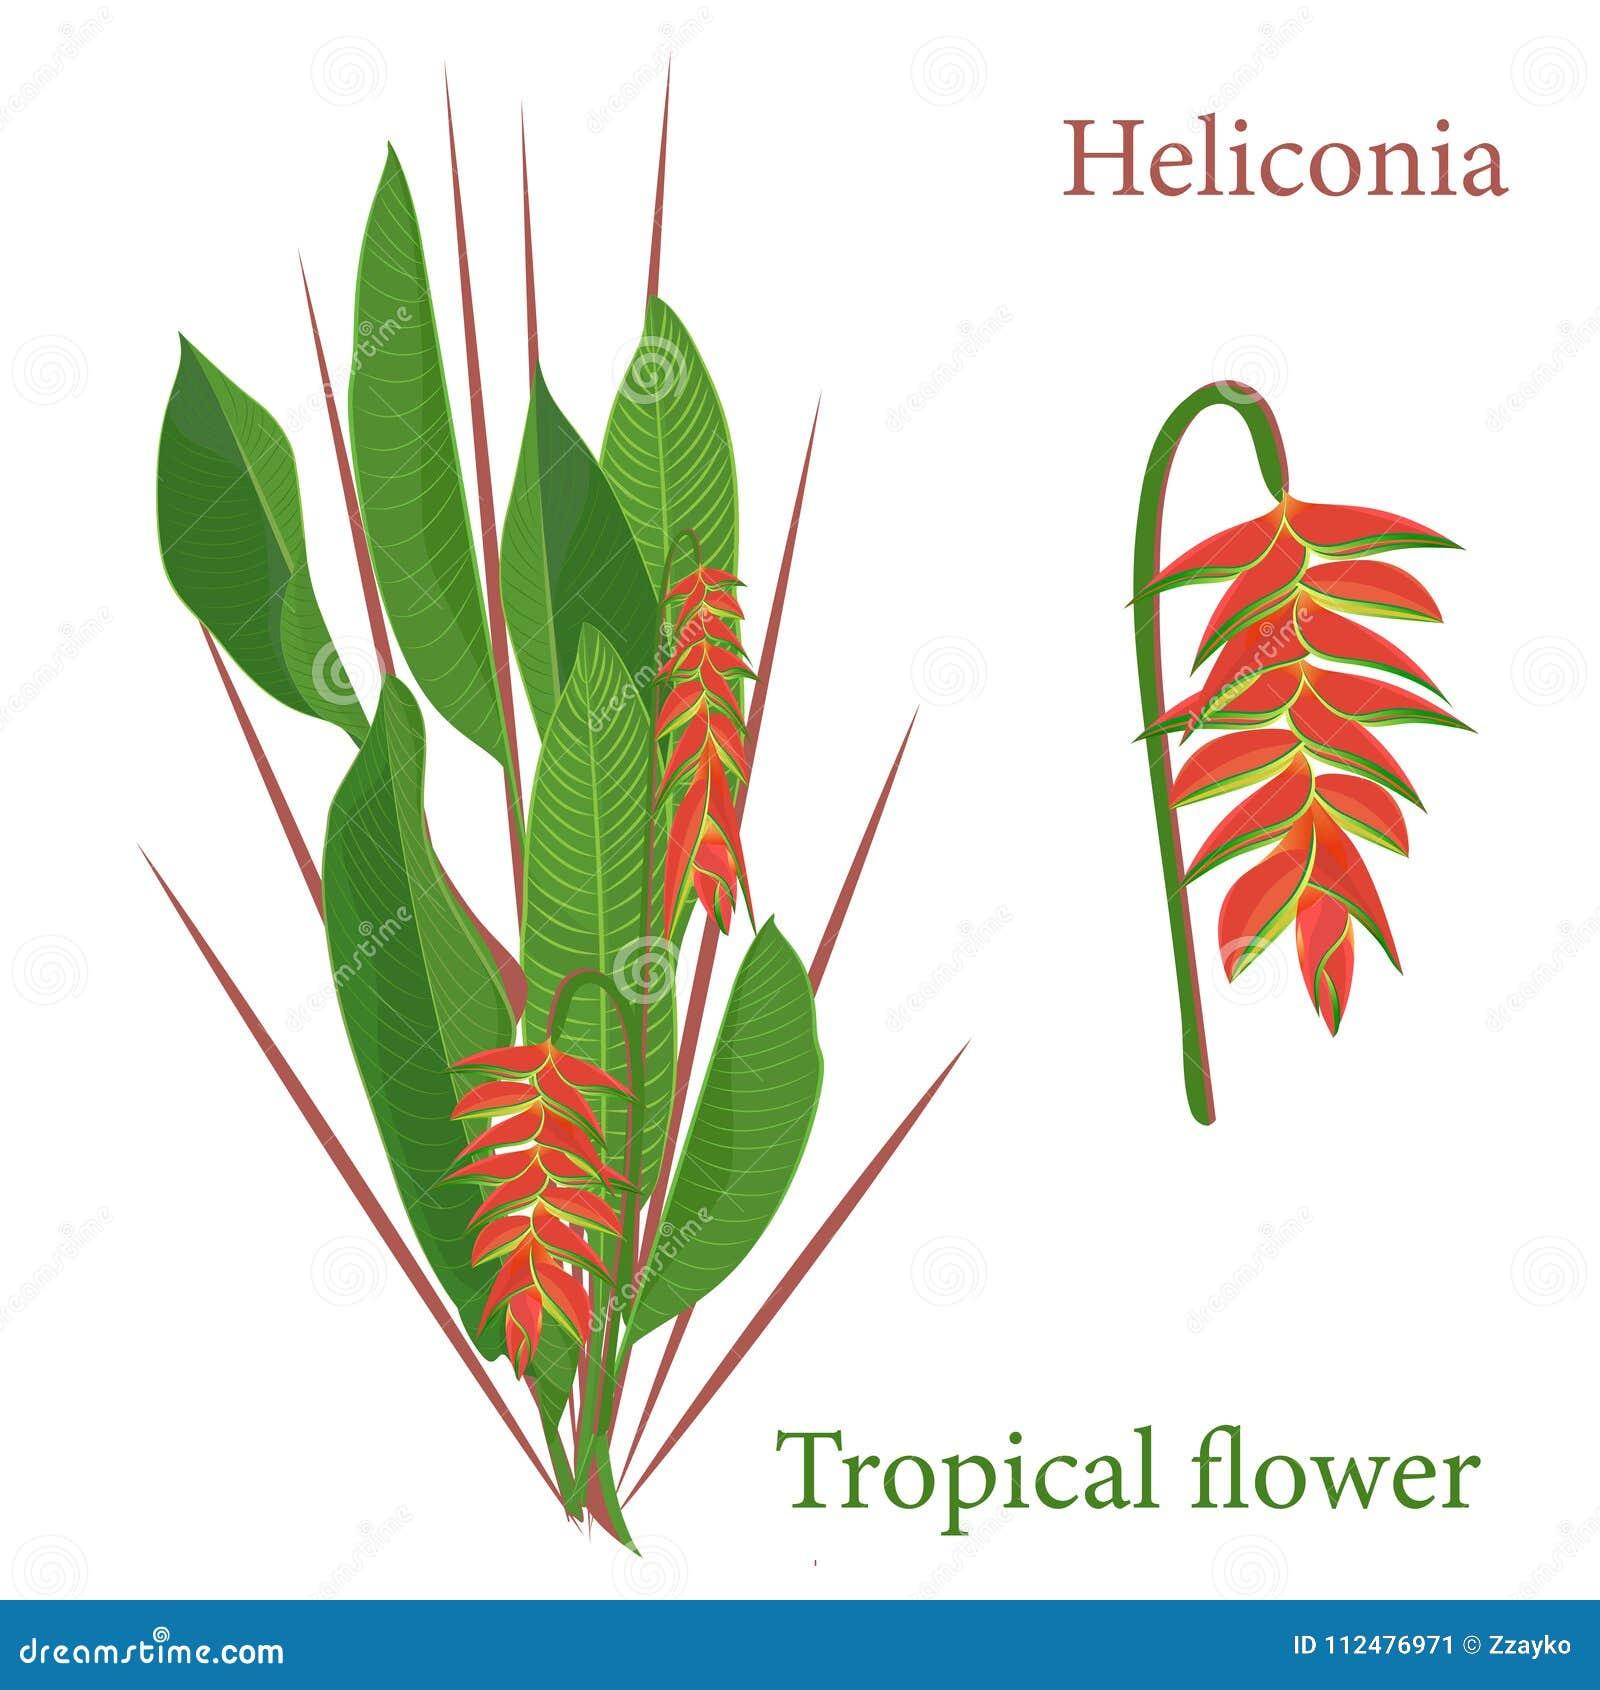 Feuilles Tropicales De Fleur De Heliconia De Branche Dessin Réaliste